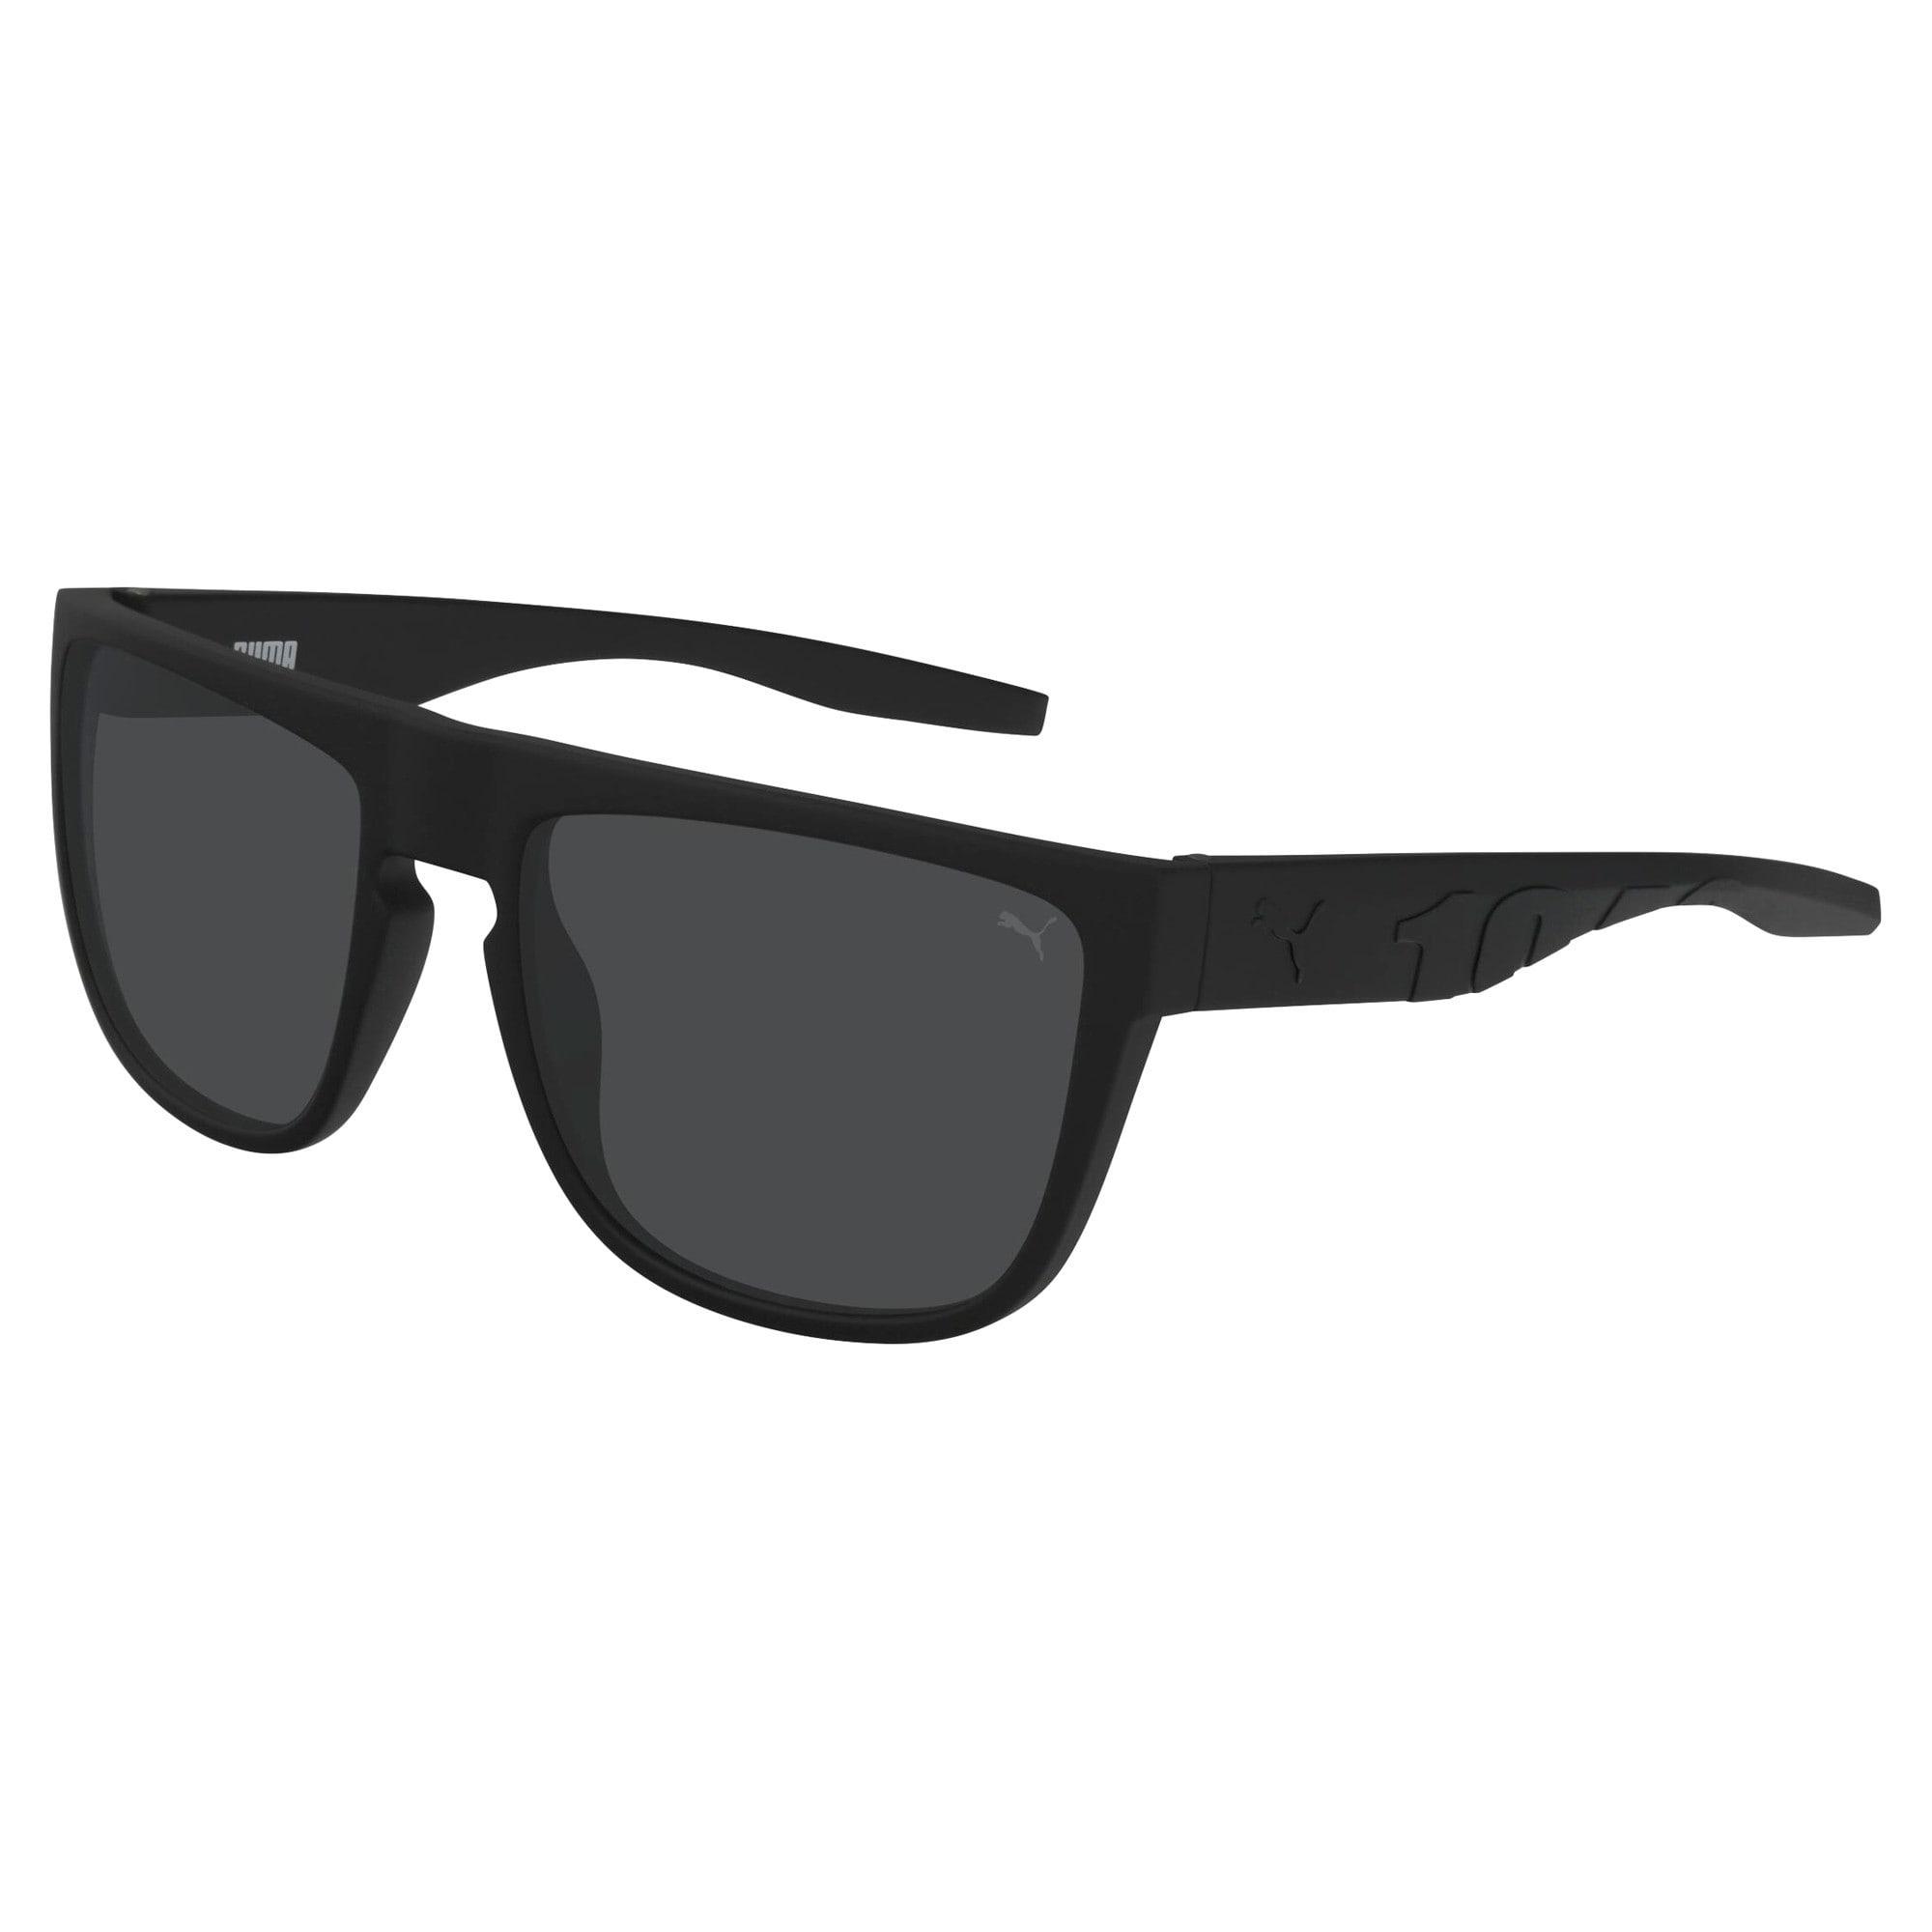 Thumbnail 1 of Men's Sunglasses, BLACK-BLACK-SMOKE, medium